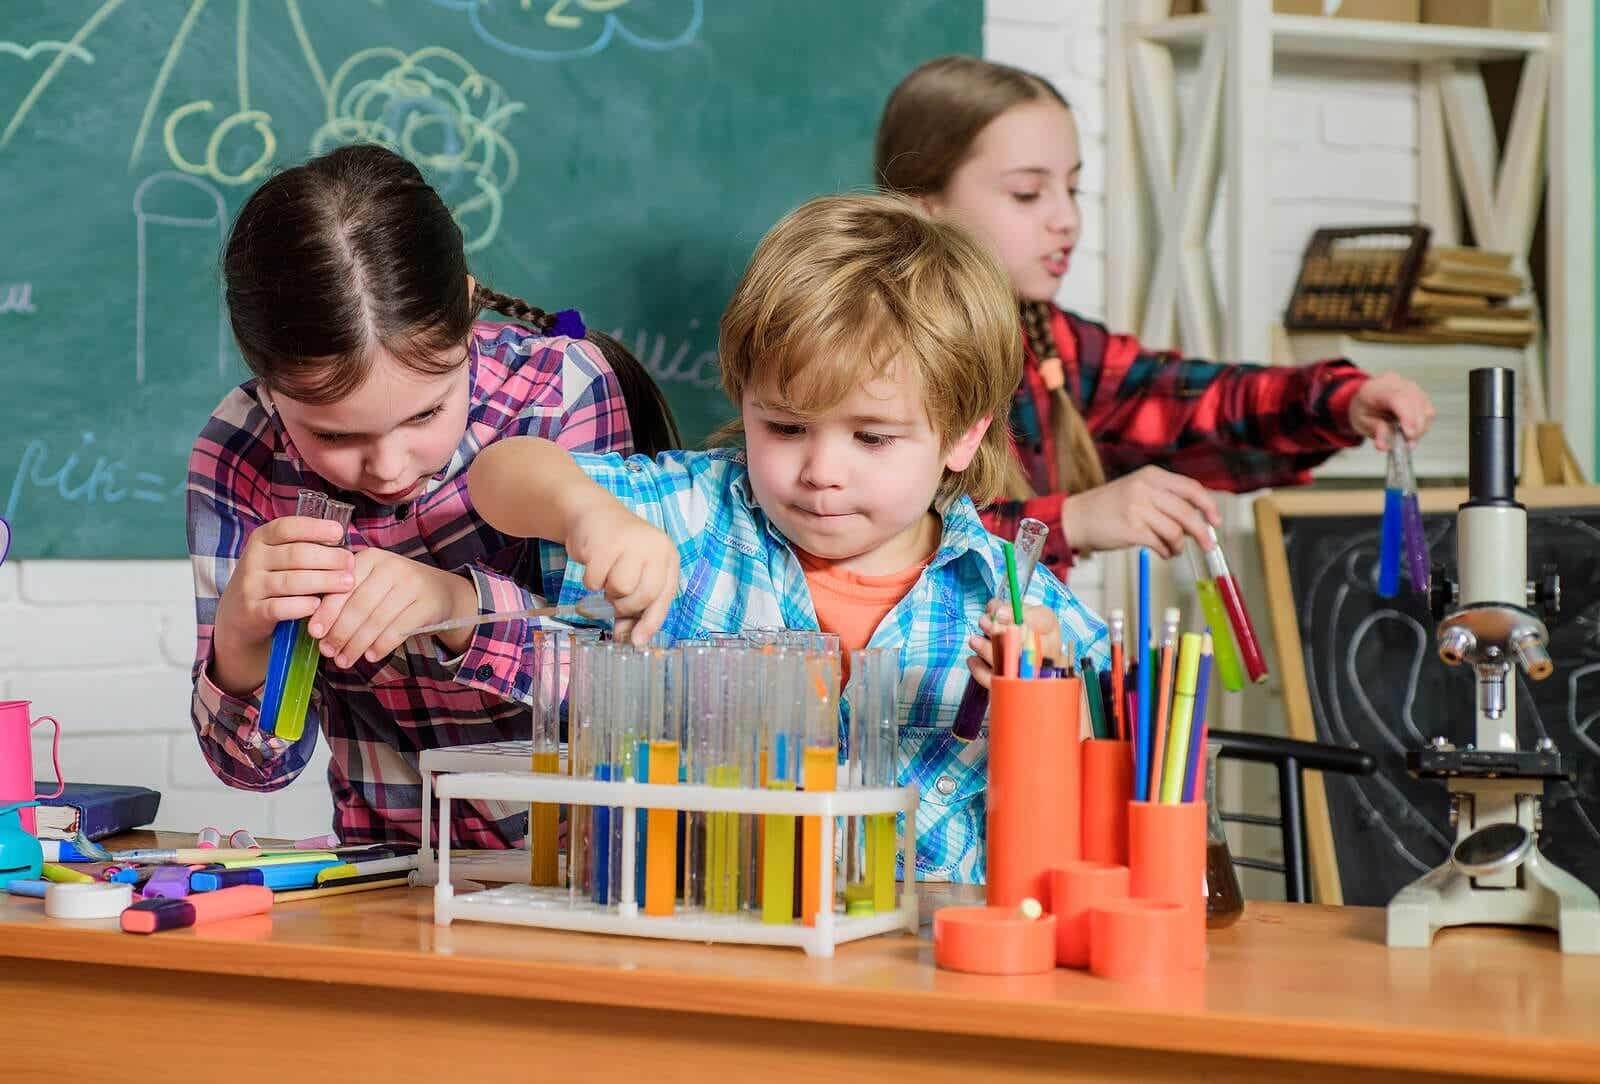 Uczniowie uczestniczący w przerwie zorganizowanej przez nauczyciela.